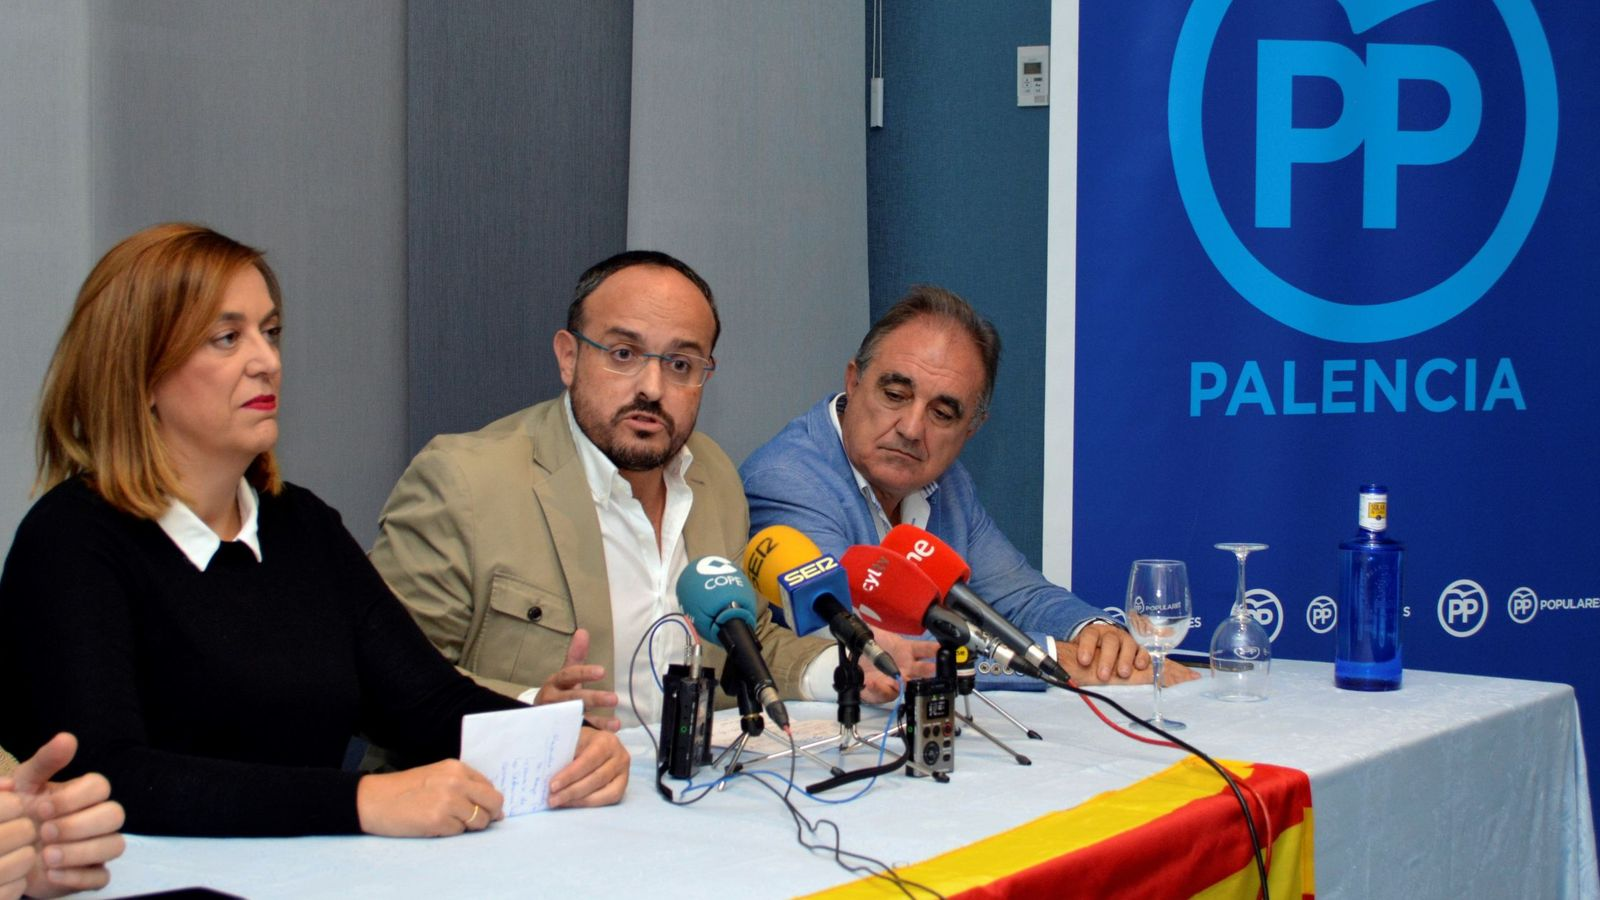 Foto: El portavoz del PP en el Parlamento de Cataluña, Alejandro Fernández Álvarez (c), en una foto de archivo. (EFE)